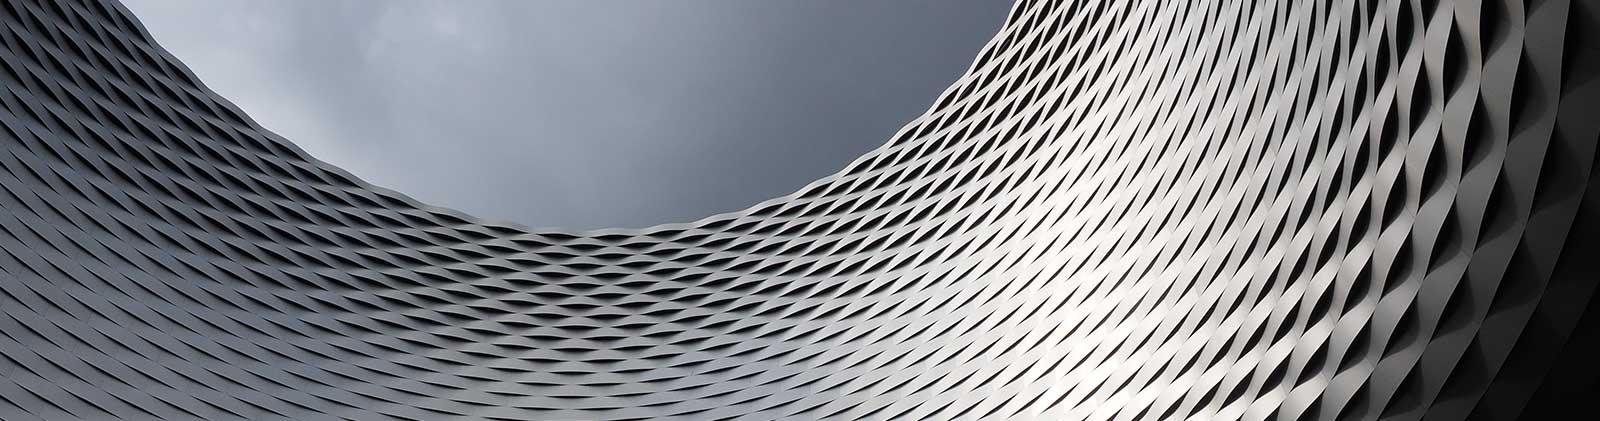 Datenschutzerklärung, SMV Straub Metallverarbeitung